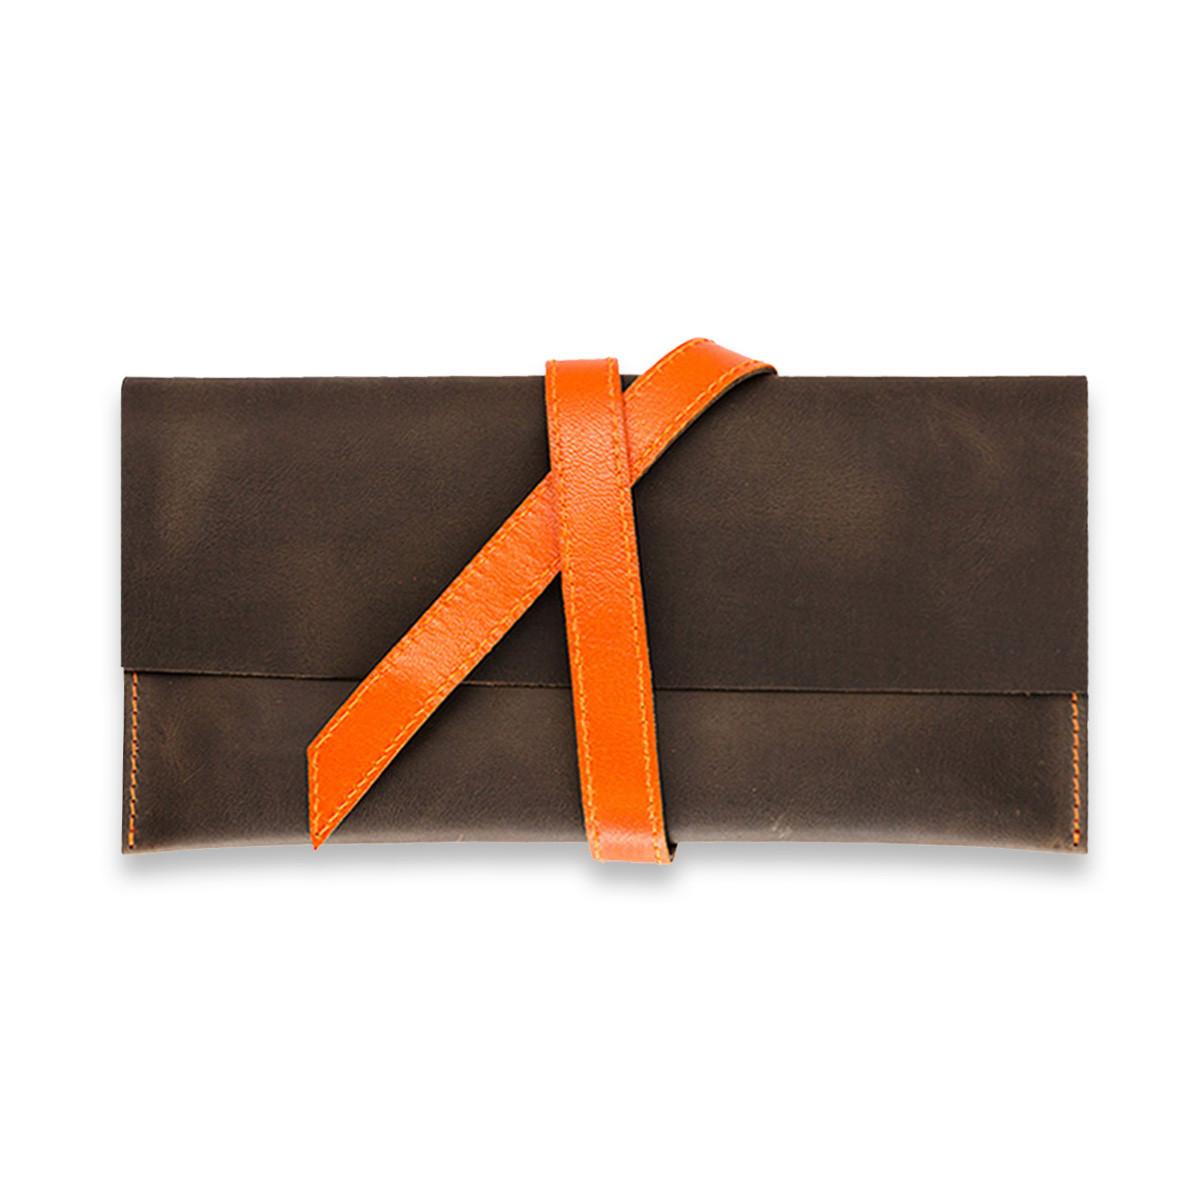 Кошелек кожаный для документов дорожный кейс Орех-апельсин